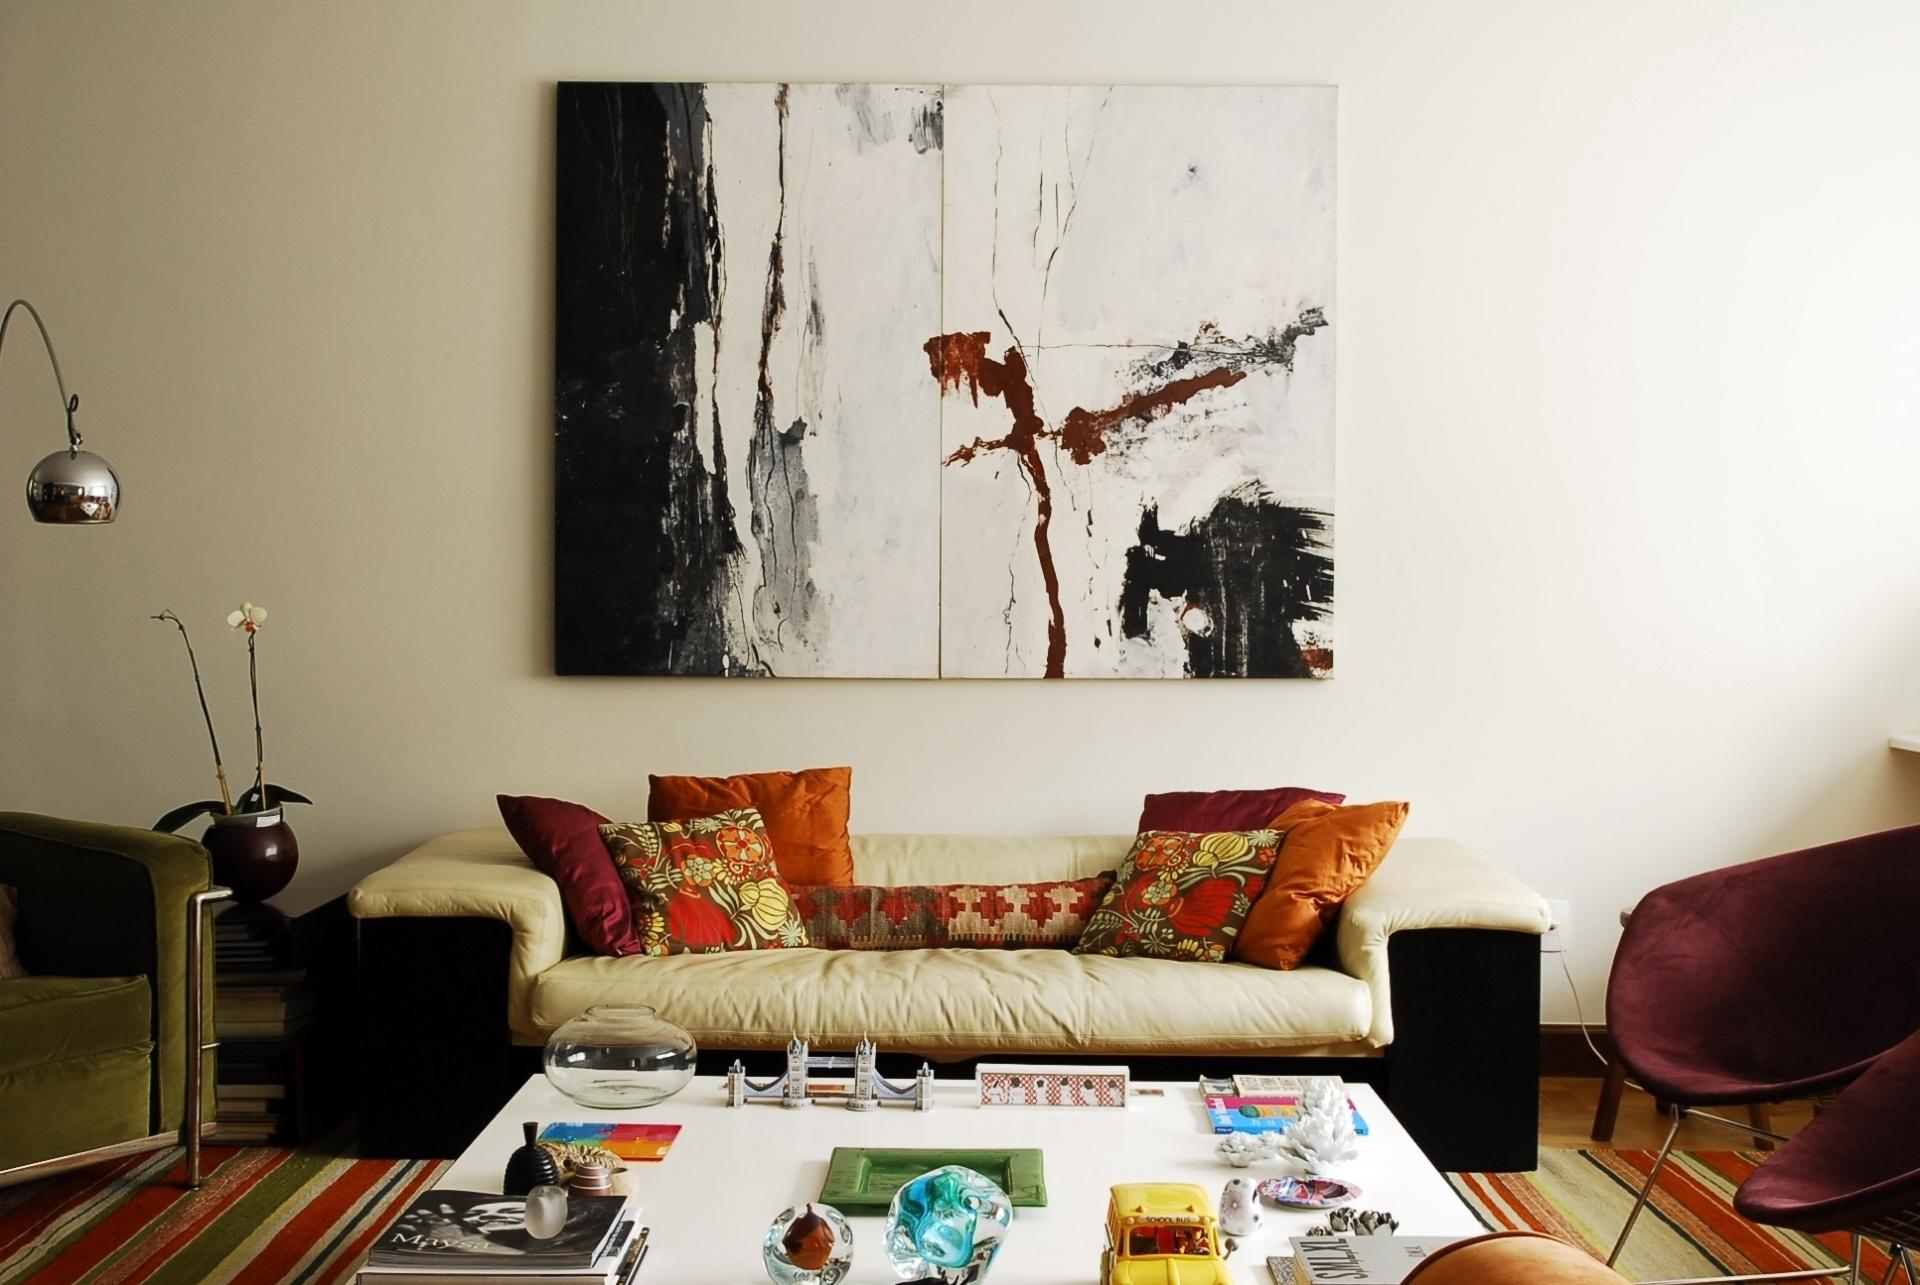 Na sala de estar do apartamento de Gustavo Calazans, apesar do uso de tonalidades distintas, há uma conversa cromática entre os elementos decorativos. Ao centro, a tela de Juliana Fiorini. O arquiteto assina o projeto de reforma e decoração de sua residência no bairro de Higienópolis em São Paulo (SP)